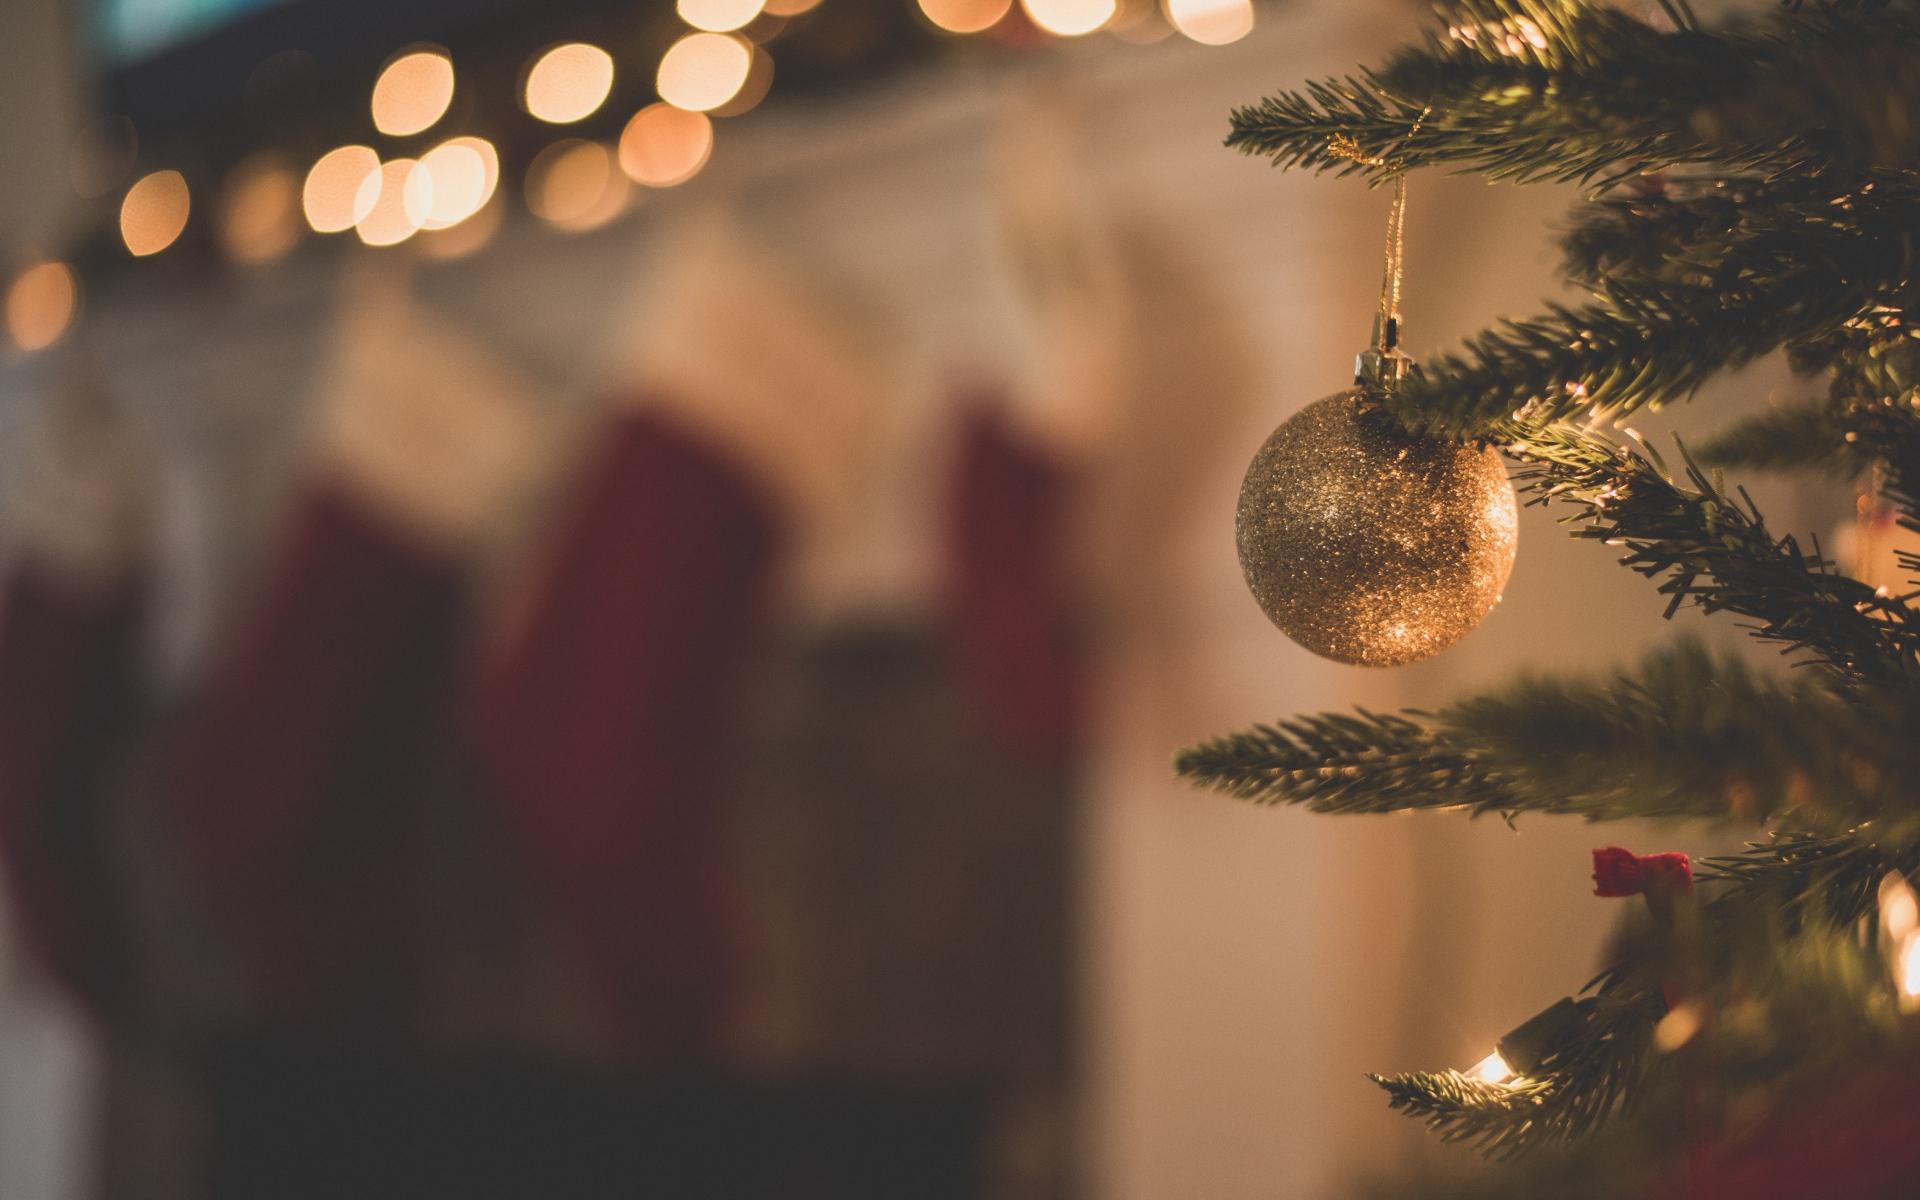 Картинки Рождественская елка, рождественские украшения, филиал, рождество фото и обои на рабочий стол